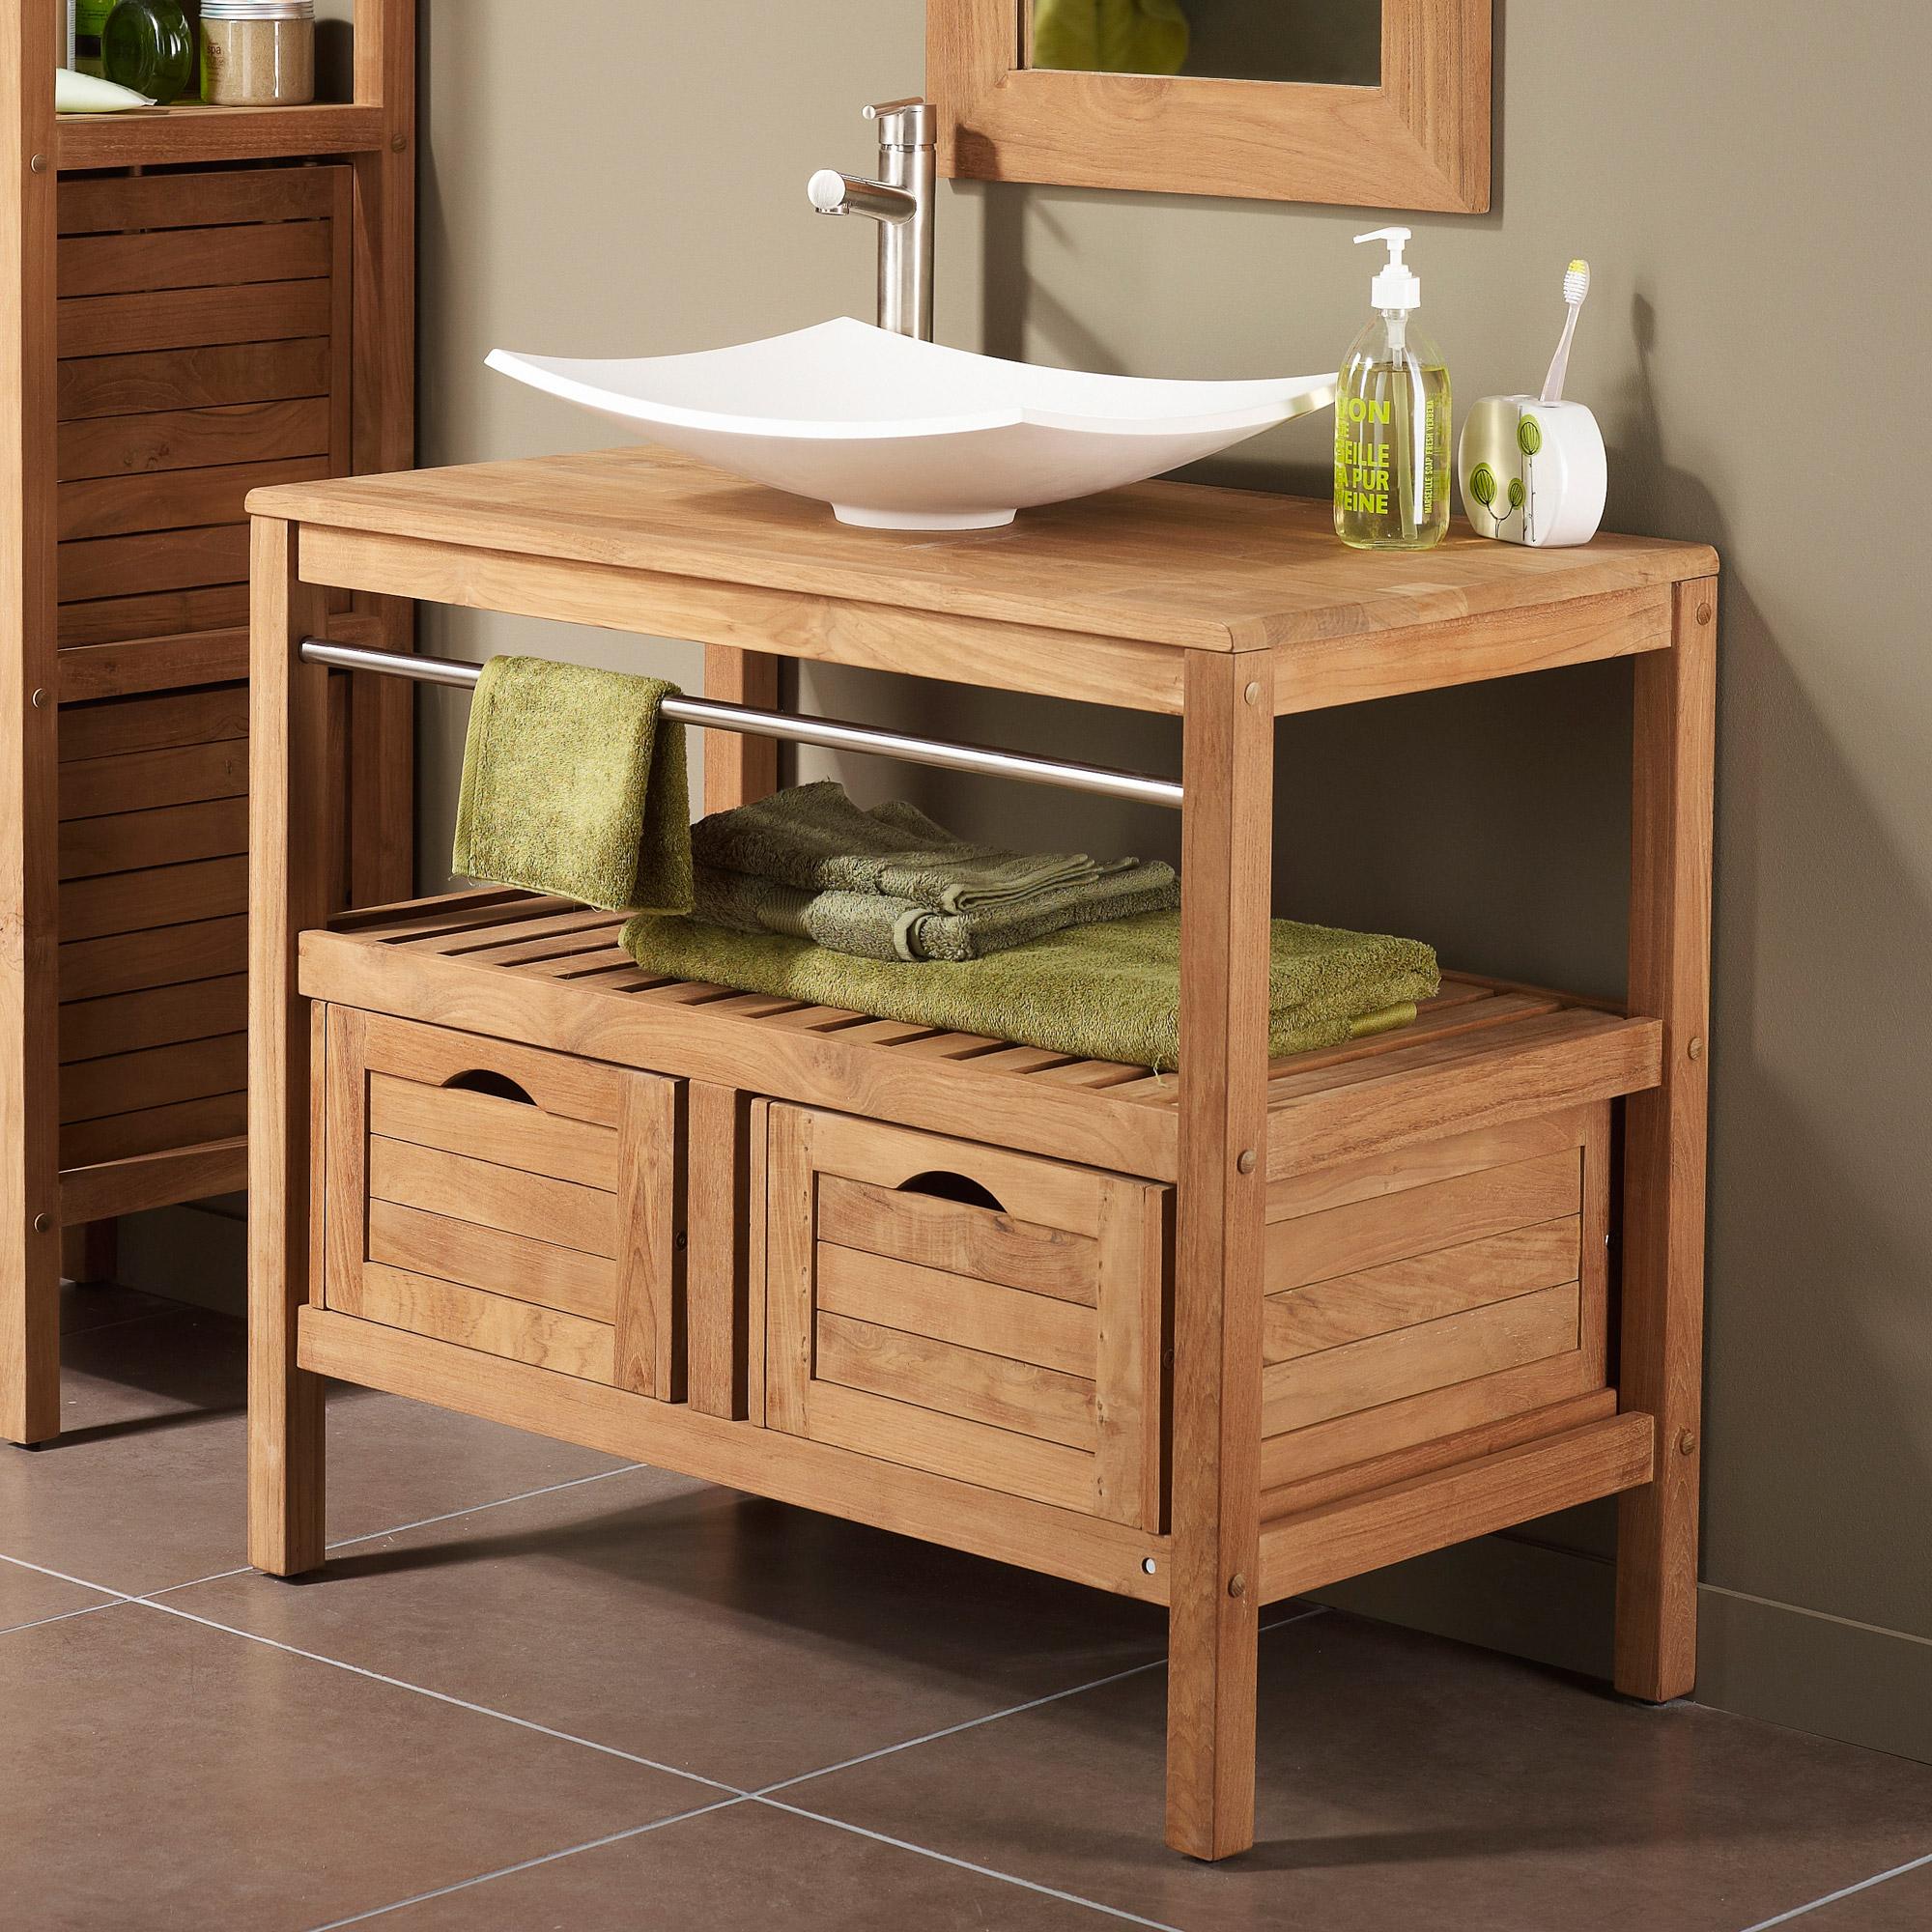 Vasque à Poser Ikea Meilleur De Collection Meuble Pour Vasque 32 Dsc 0350